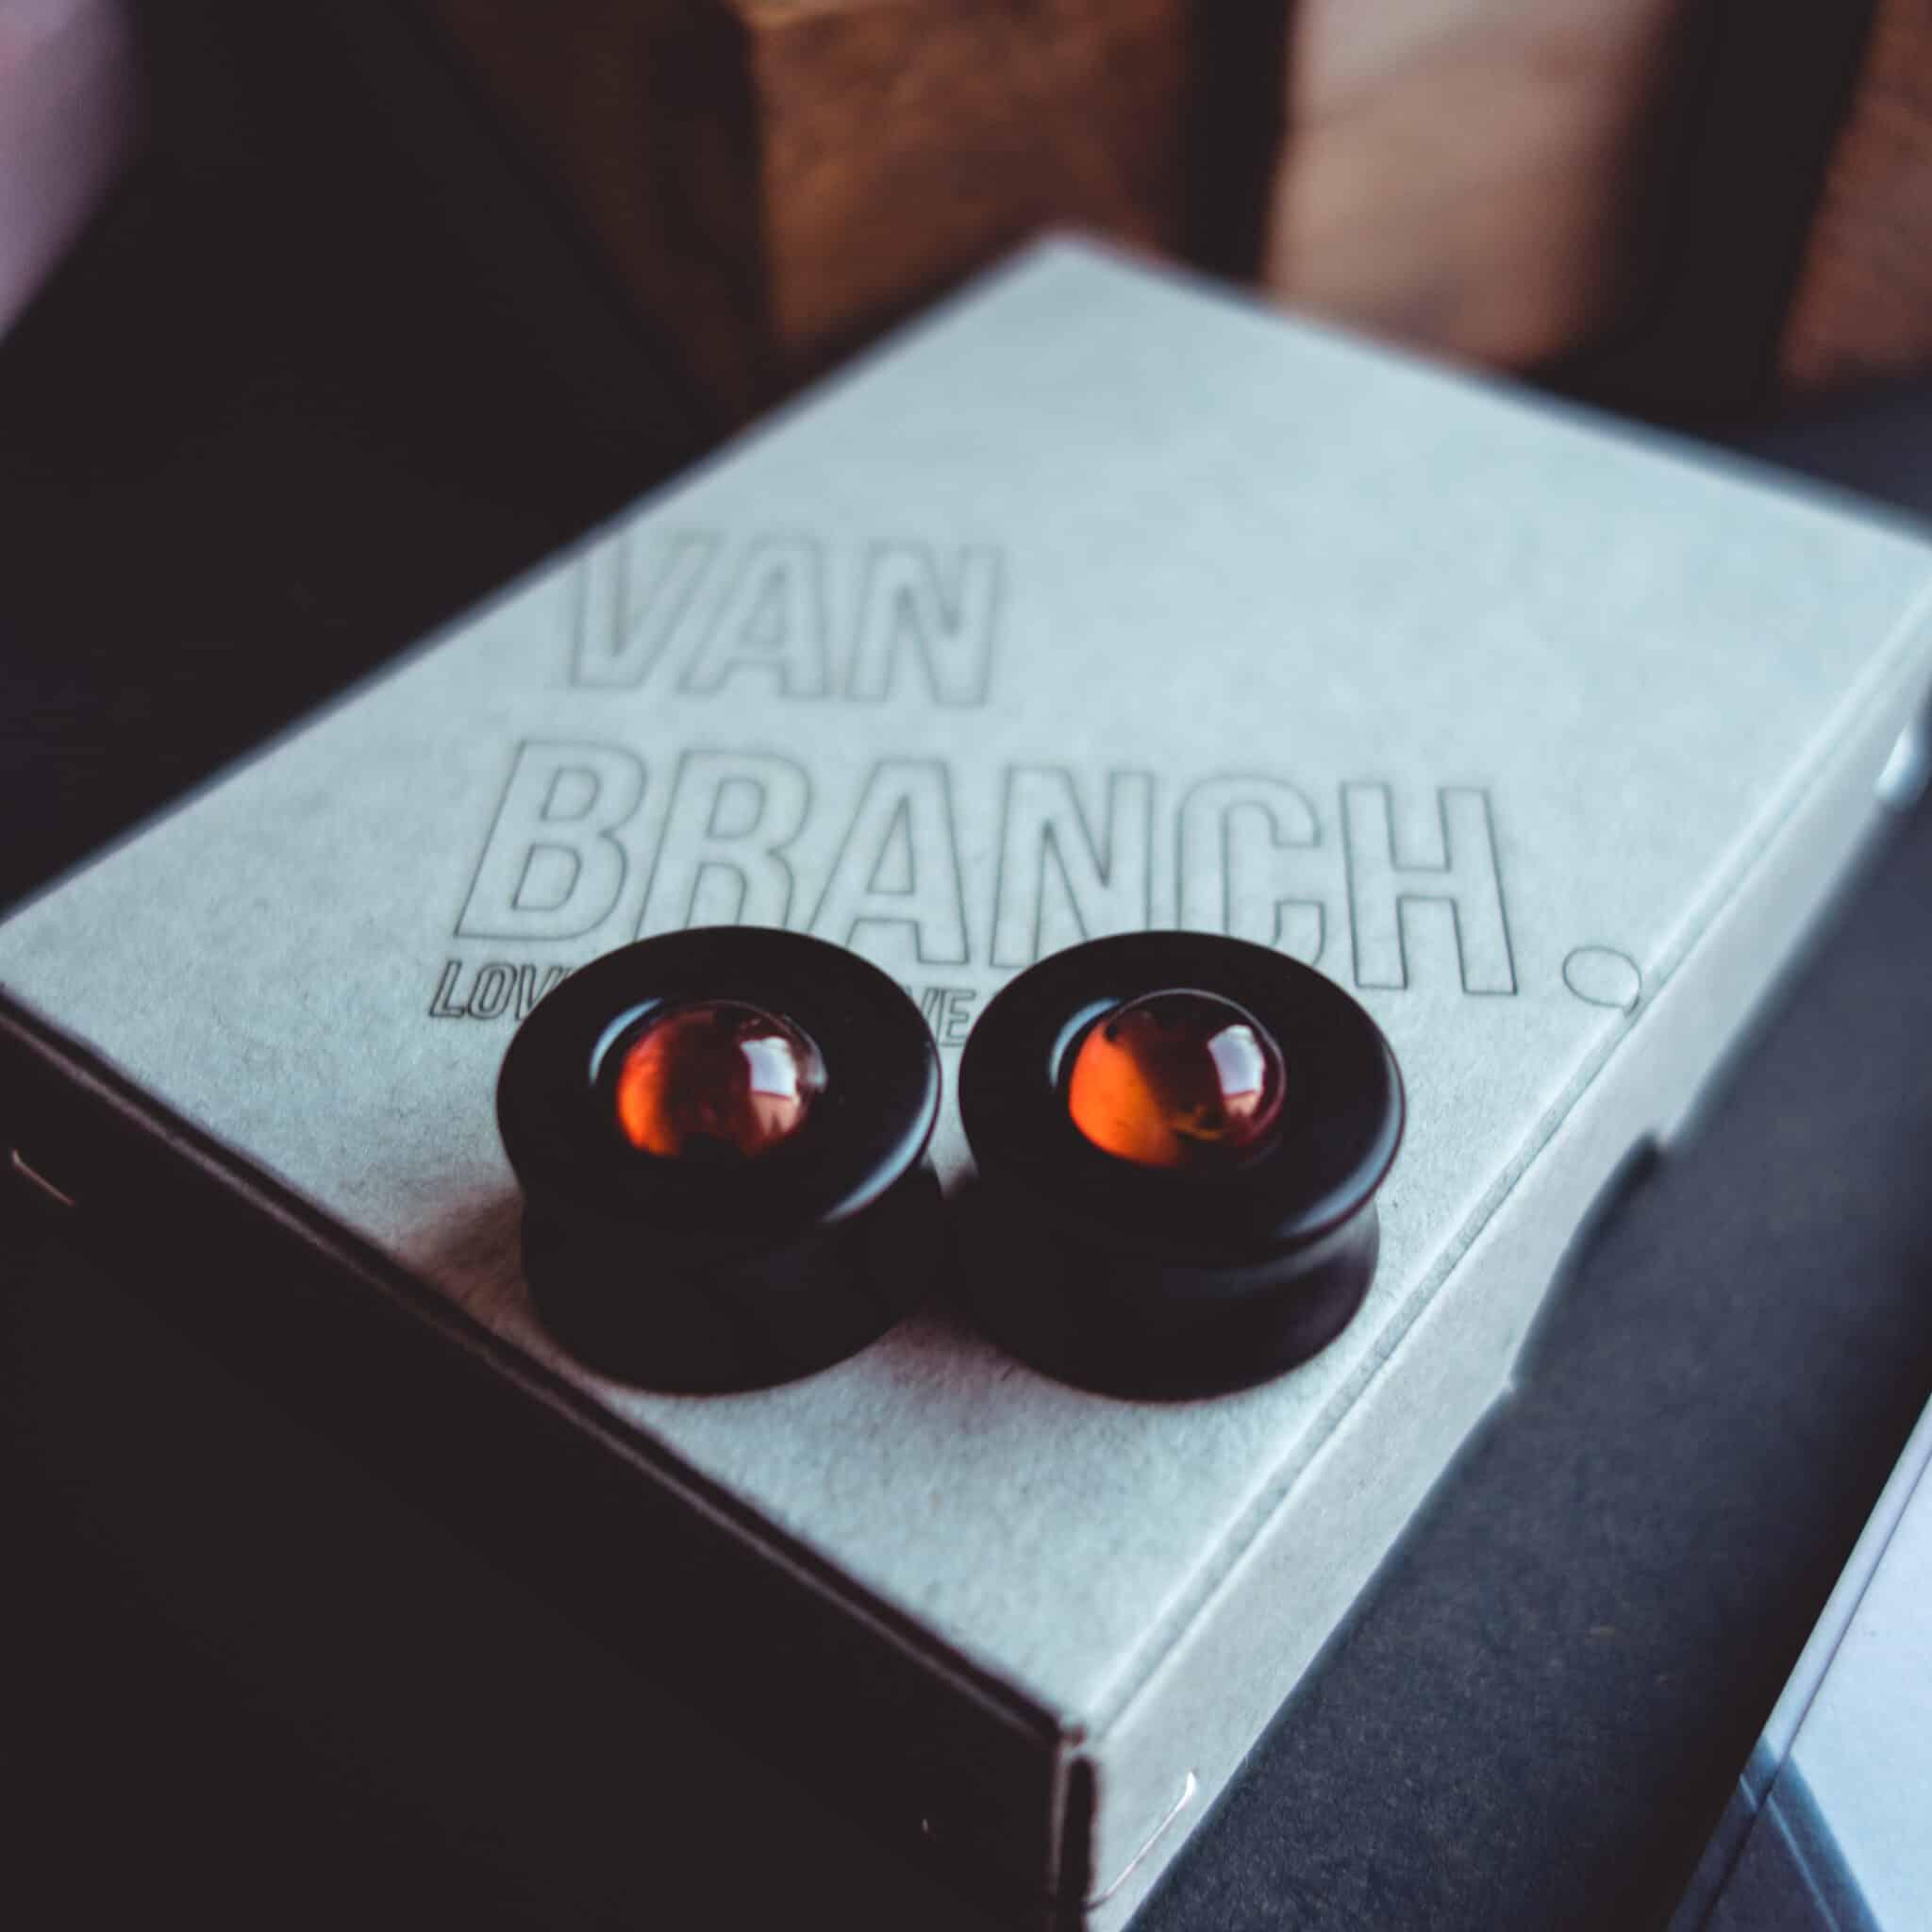 Handgefertigte 18mm Ohr Plugs aus Ebenholz mit Bernstein Edelstein